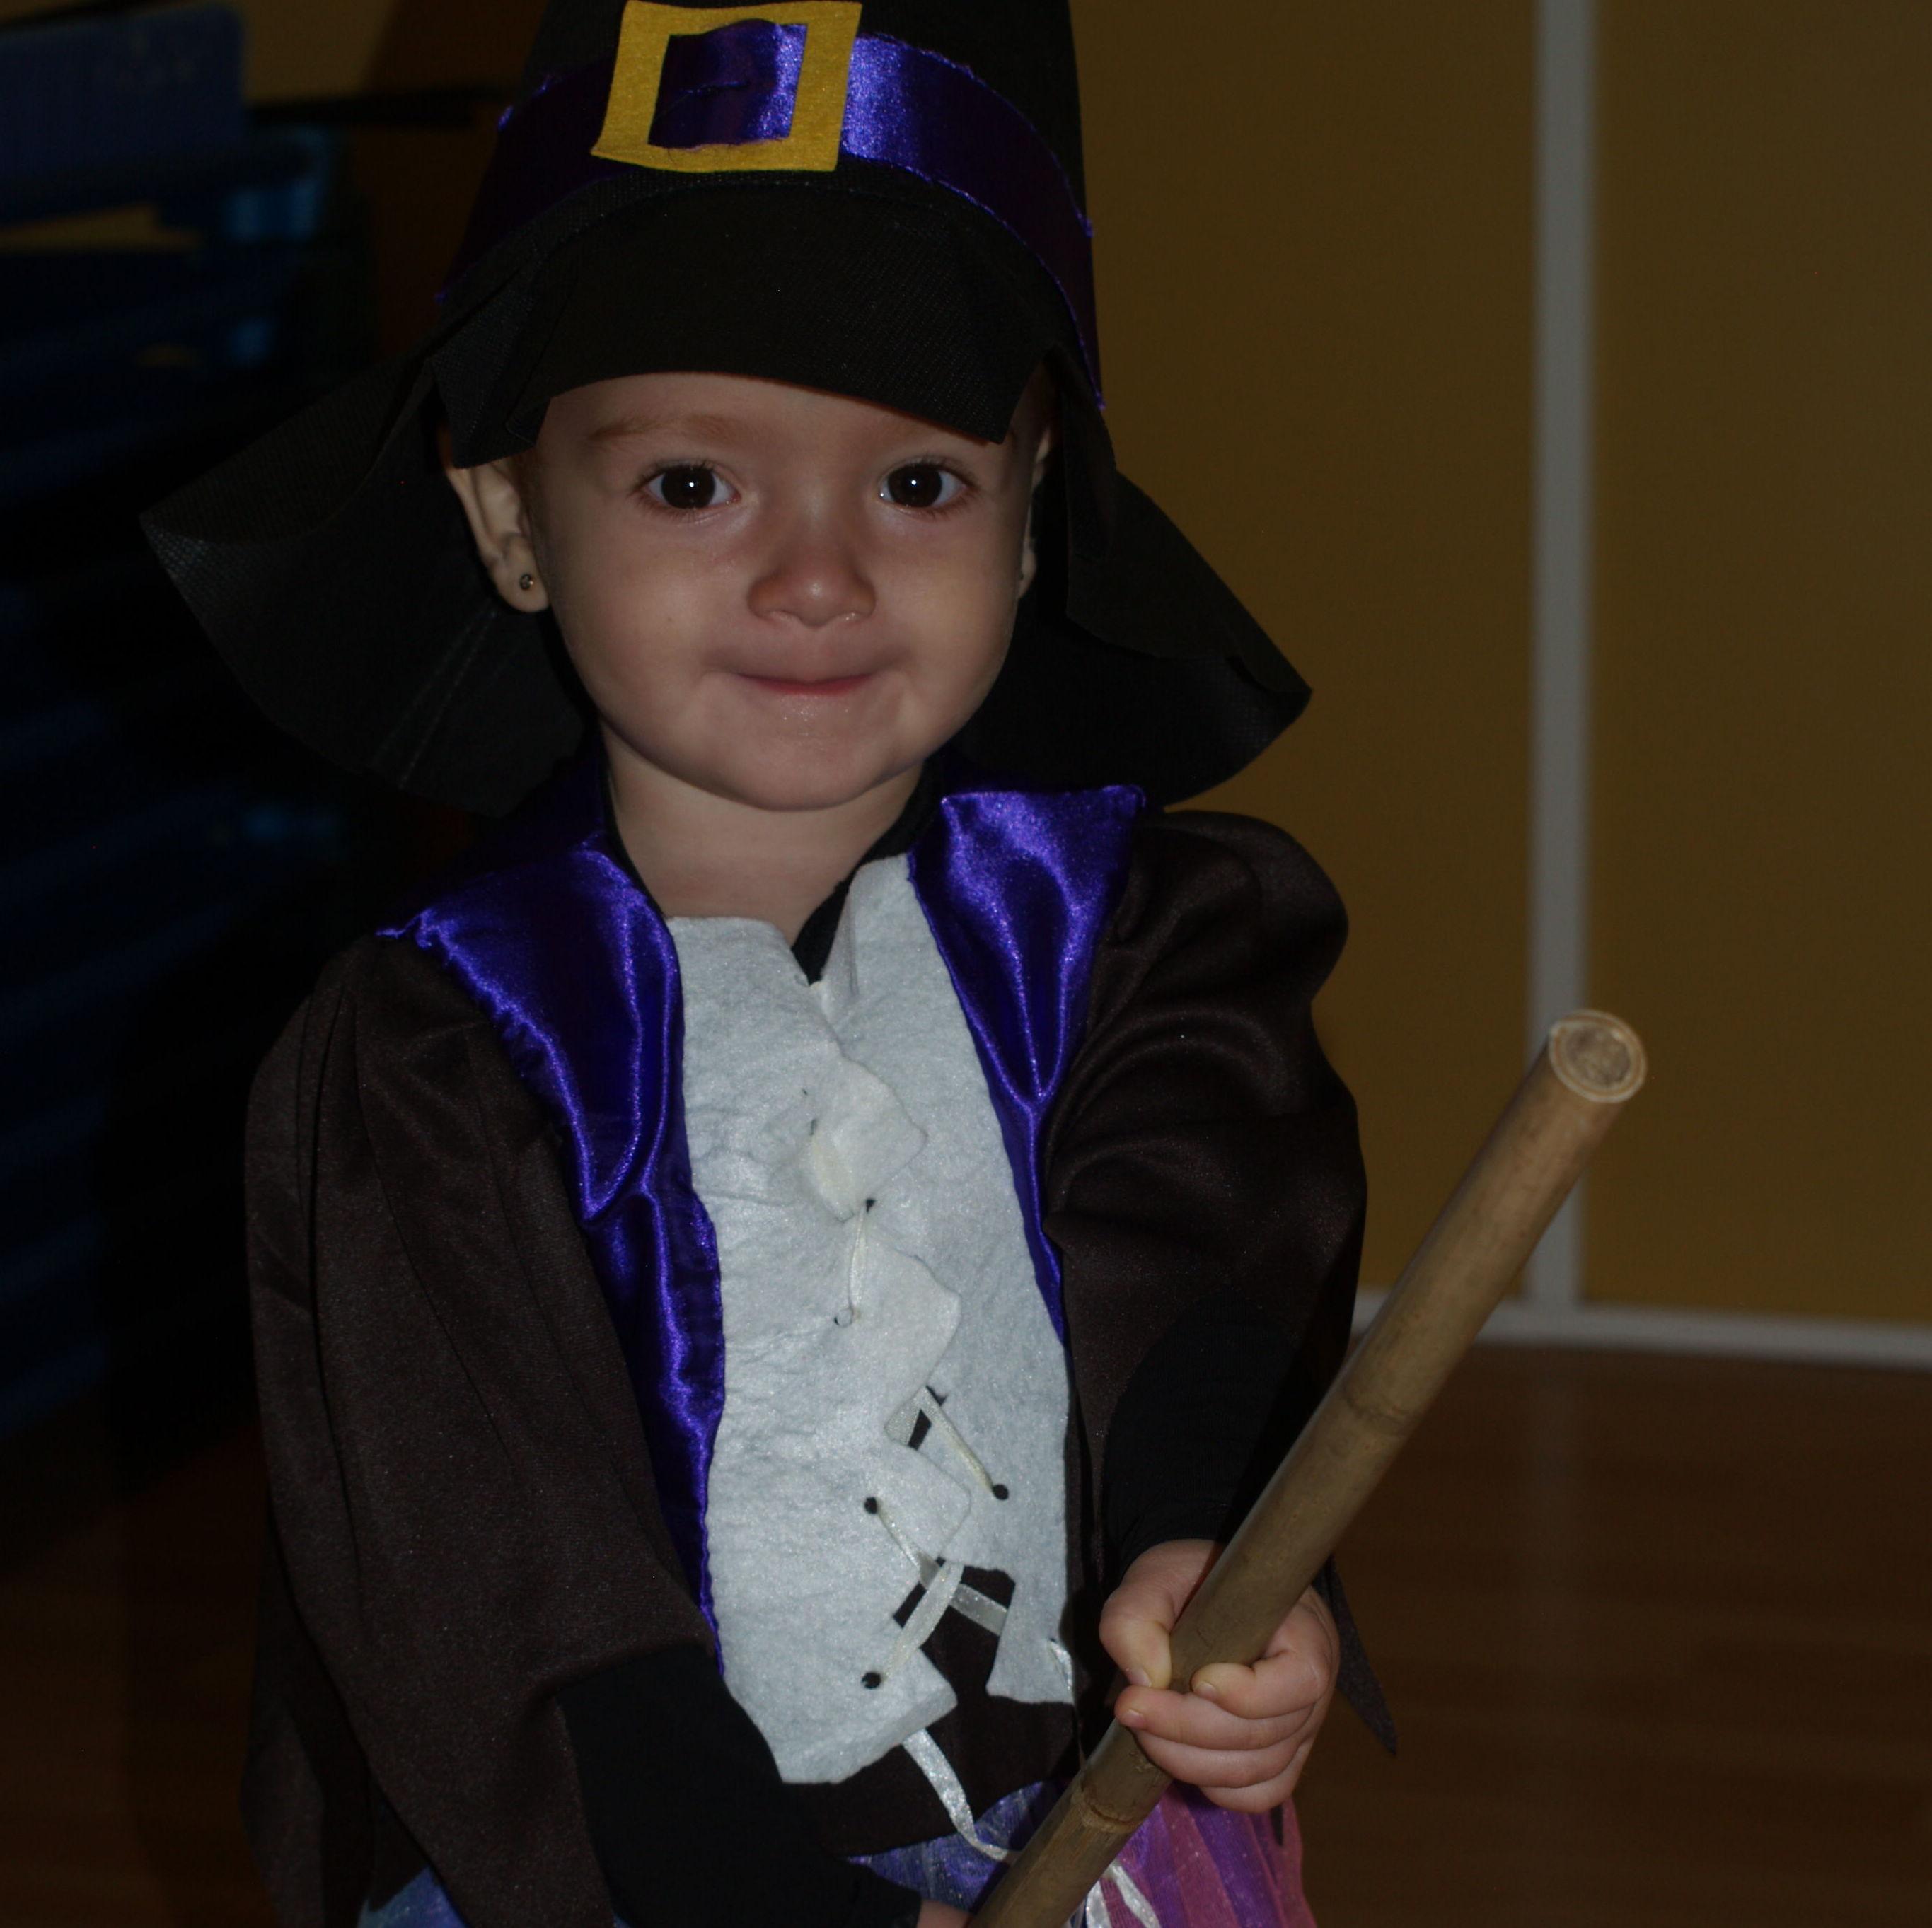 Foto 14 de Escuela infantil para niños de 0 a 3 años en Getafe | Escuela Infantil Bebines